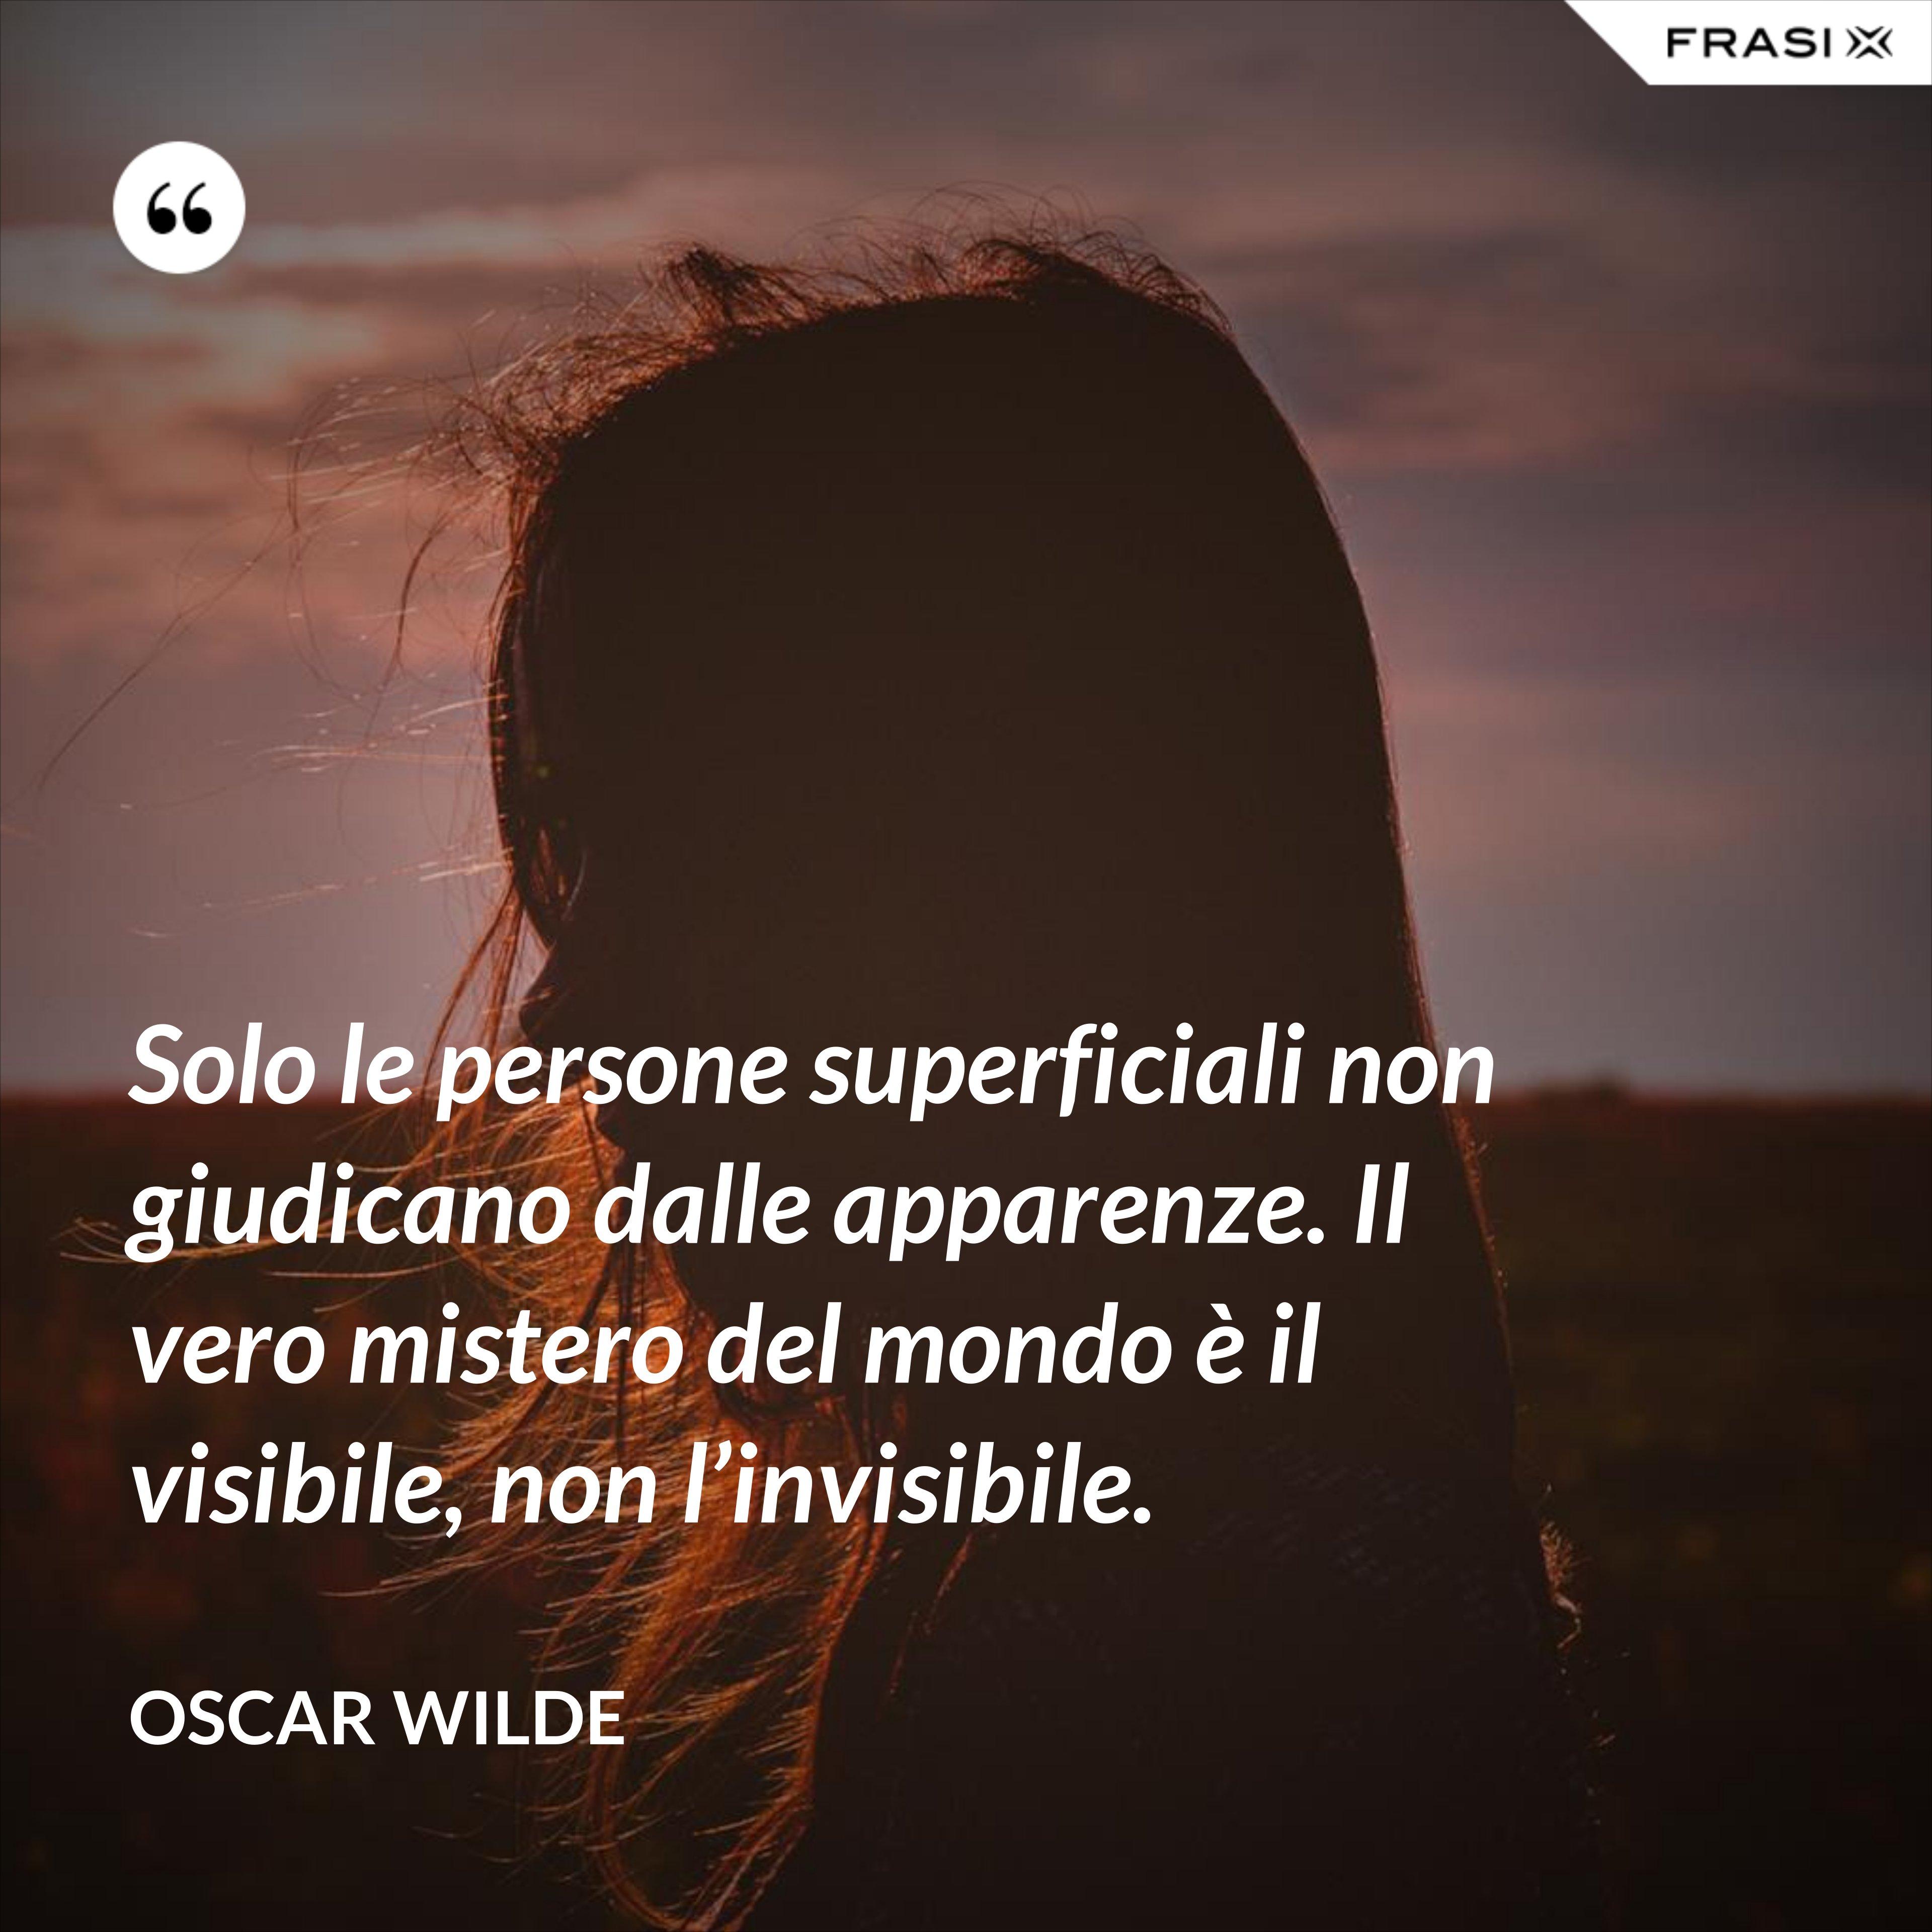 Solo le persone superficiali non giudicano dalle apparenze. Il vero mistero del mondo è il visibile, non l'invisibile. - Oscar Wilde